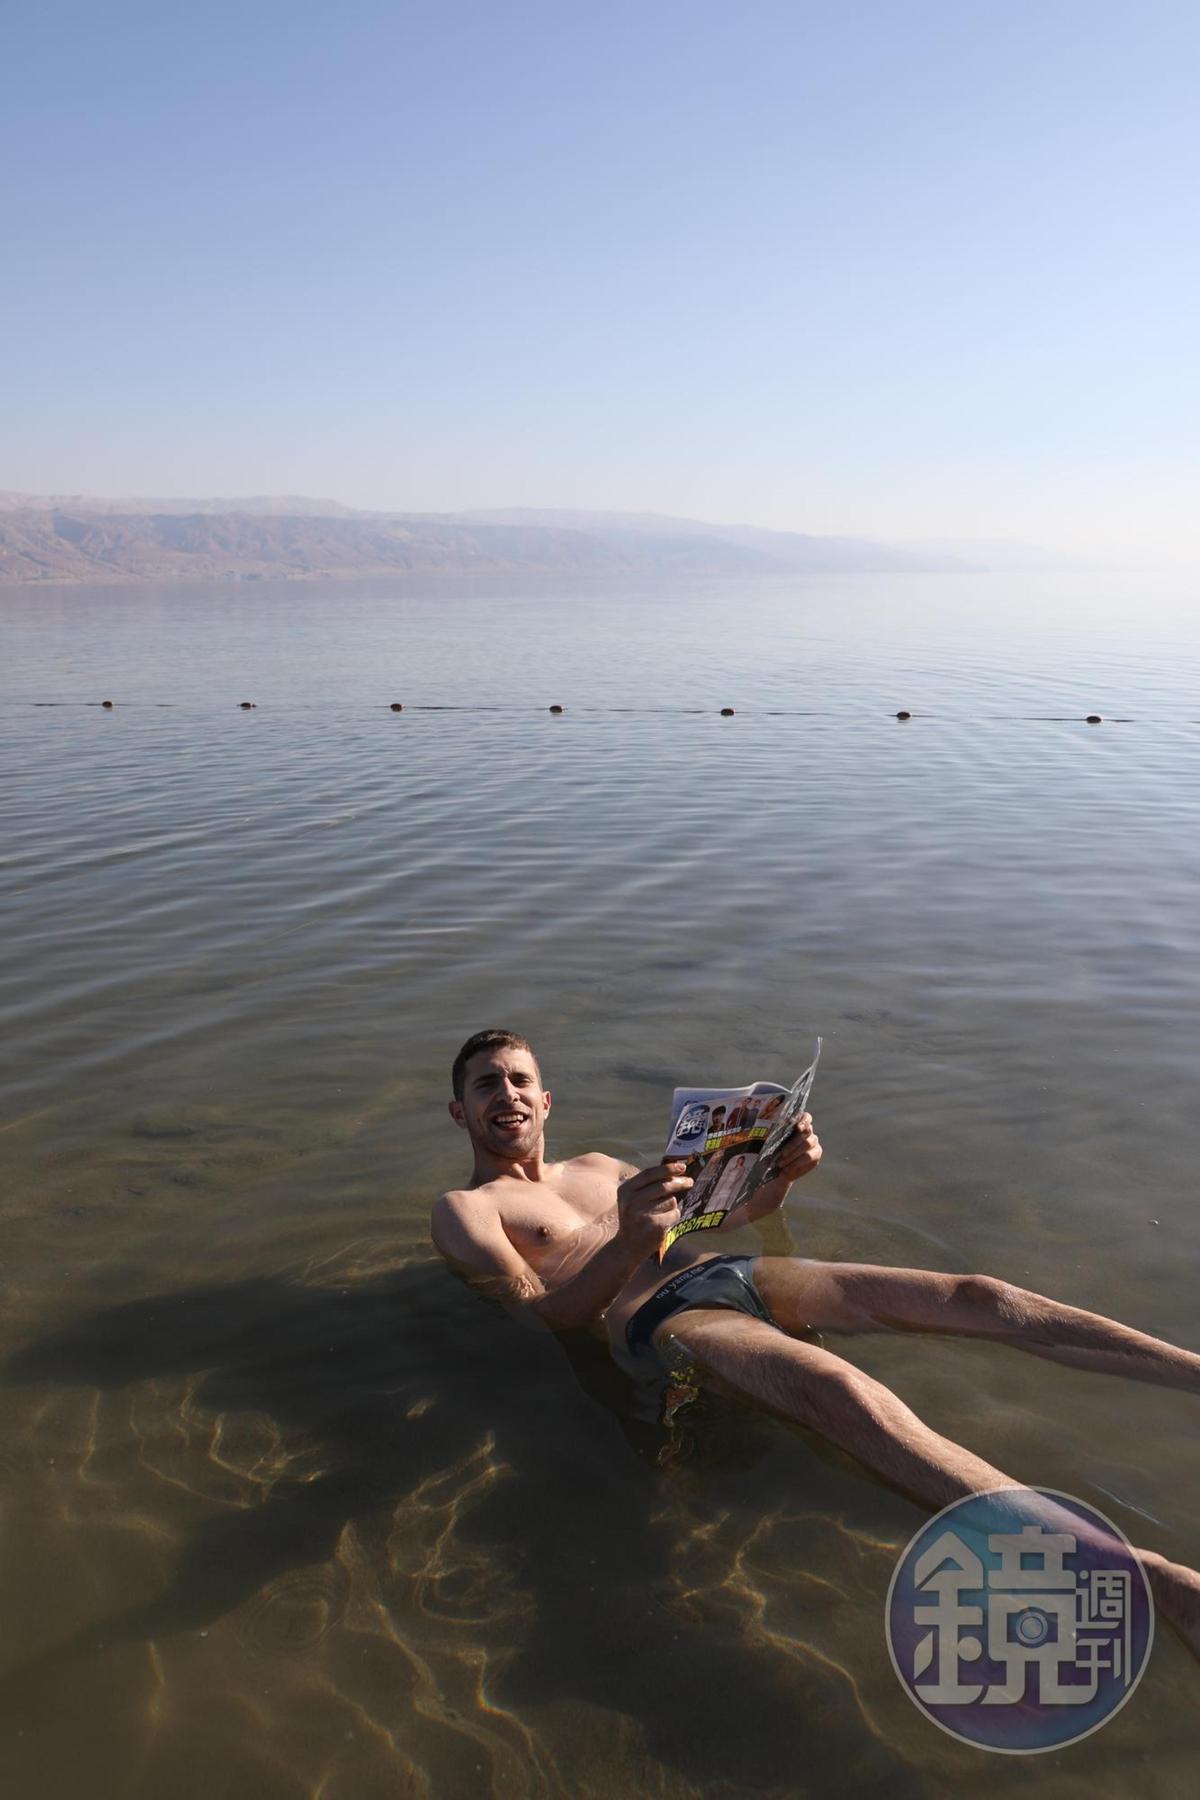 這位賽浦勒斯男子應我的要求,體驗在死海漂浮中閱讀《鏡週刊》的樂趣。